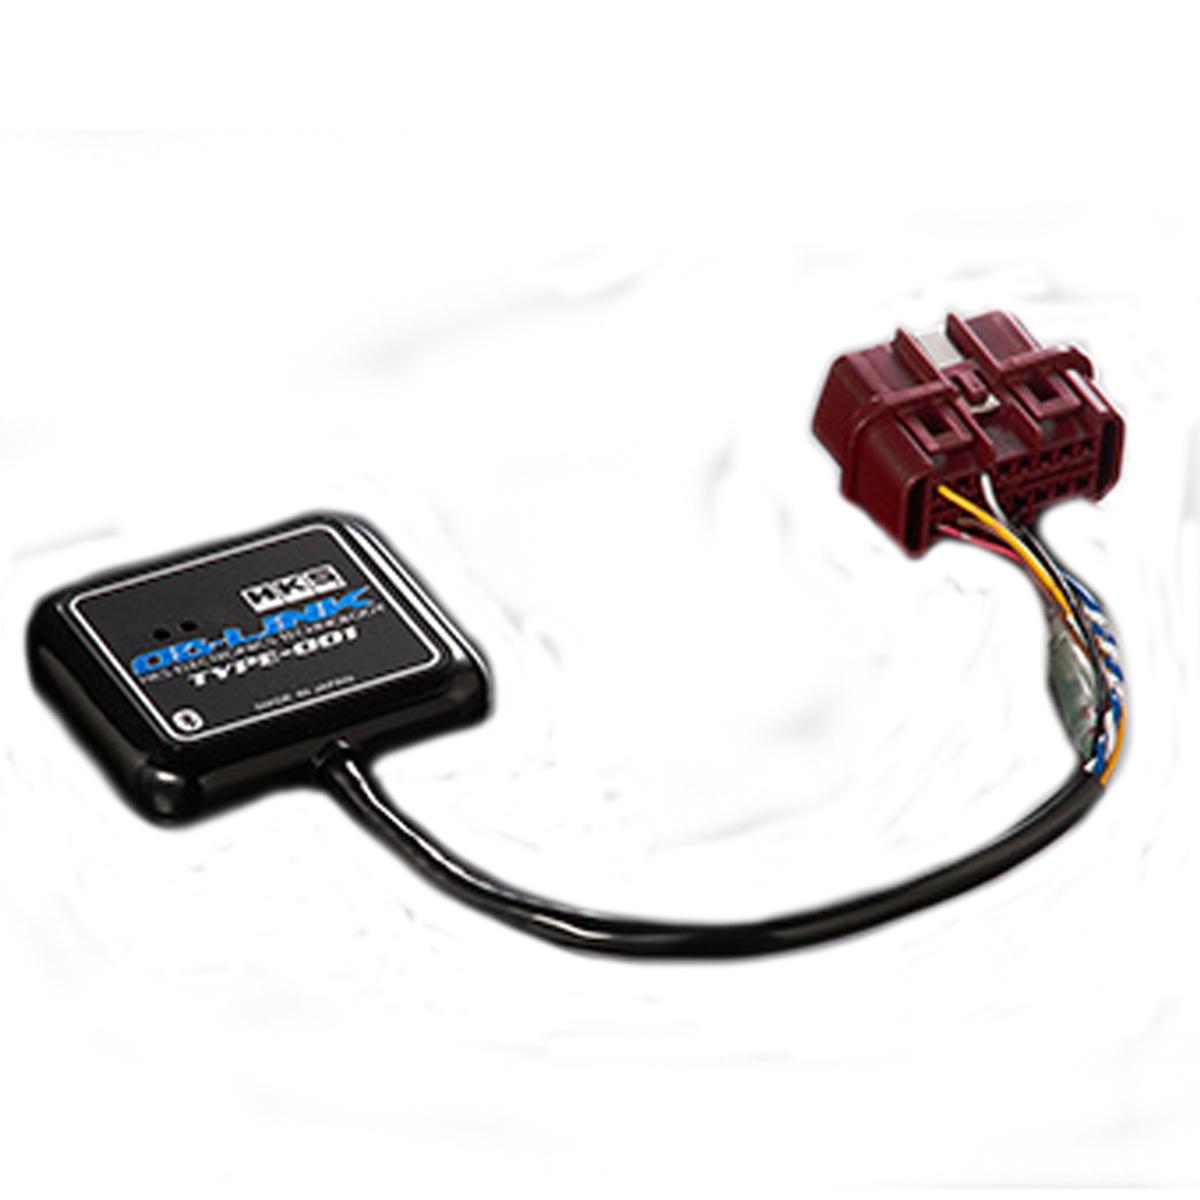 ハリアー モニター OBリンク タイプ HKS 001 MCU30W MCU36W MCU31W ハリアー MCU35W MCU36W HKS 44009-AK002 エレクトリニクス, WHATNOT:2af46e12 --- sunward.msk.ru